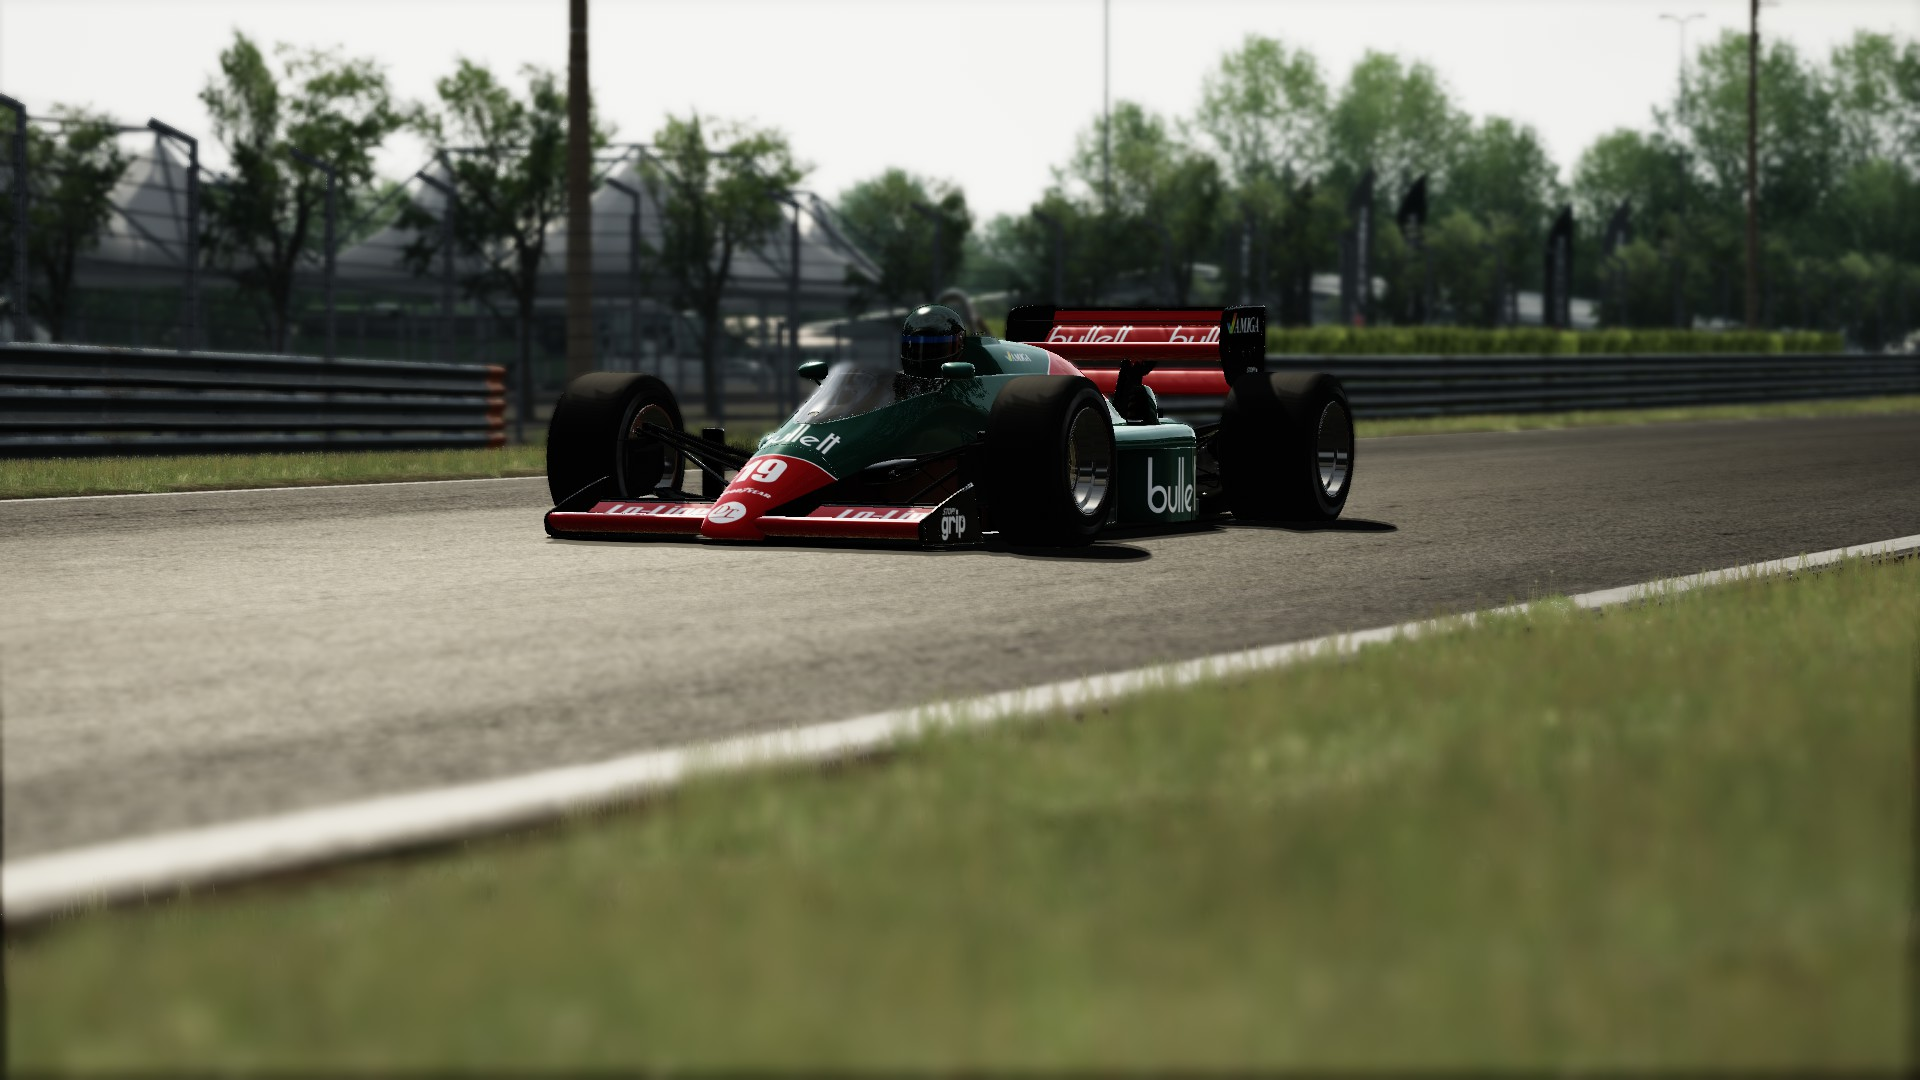 98T@Monza